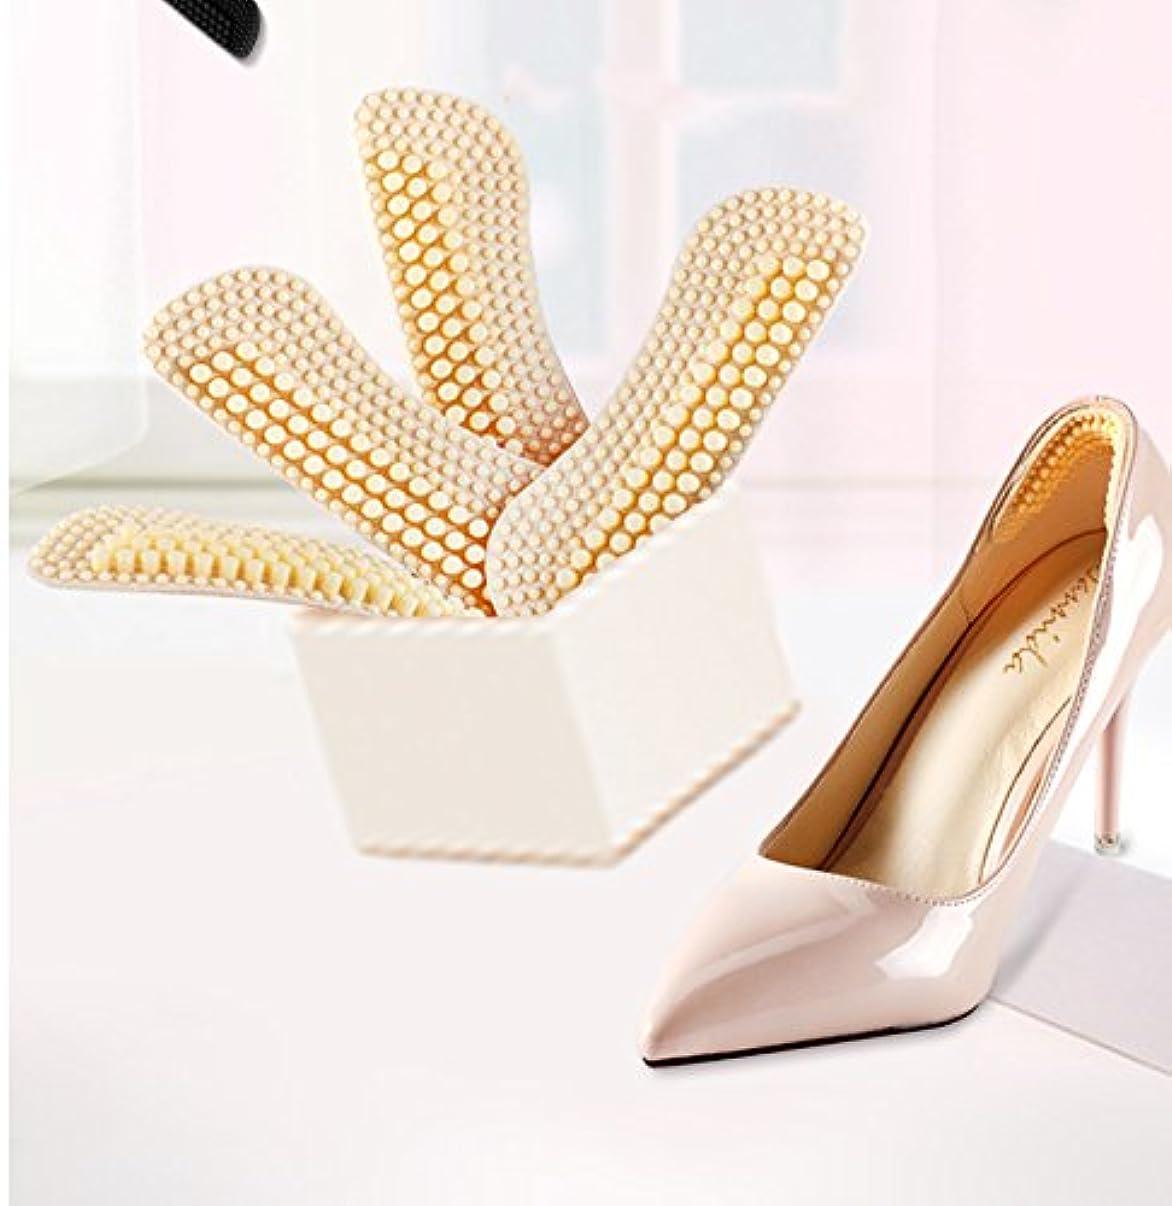 宣伝書き込み道IKRR 靴擦れ防止パッド かかと滑り止め かかと調整パッド 4D かかとクッション 痛み軽減 パカパカ防止 滑り止め 靴のサイズ調整(2足セット4枚) シリコン 男女兼用